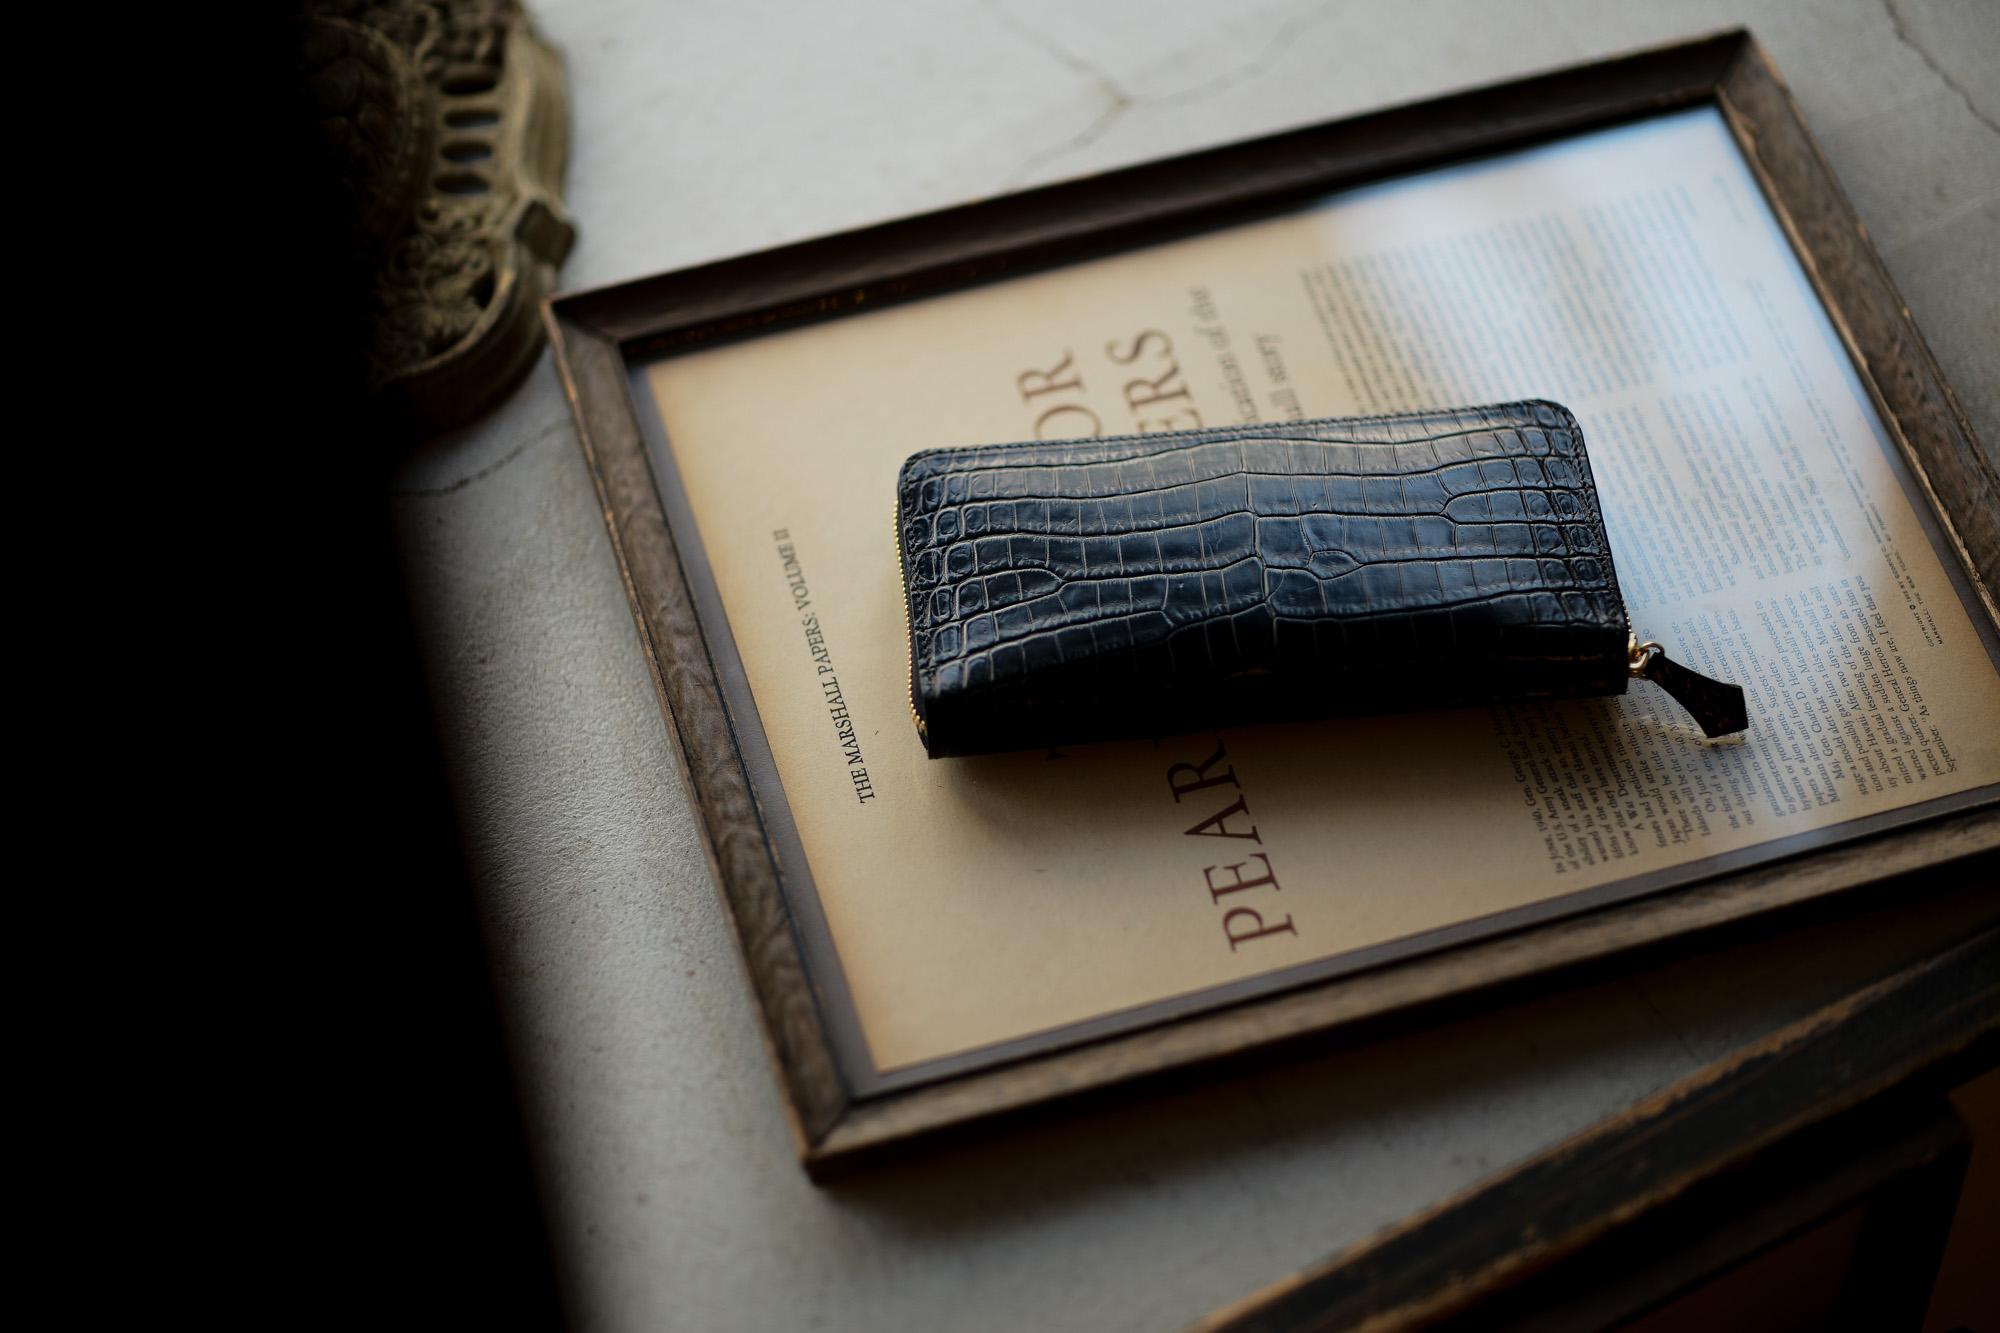 Cisei × 山本製鞄 (シセイ × 山本製鞄) Crocodile Long Wallet (クロコダイル ロング ウォレット) Nile Crocodile Leather (ワニ革) ナイル クロコダイル ウォレット 長財布 BLACK(ブラック)  Made in Japan (日本製) 2020 cisei yamamotoseiho トートバック クロコ 愛知 名古屋 Alto e Diritto アルト エ デリット